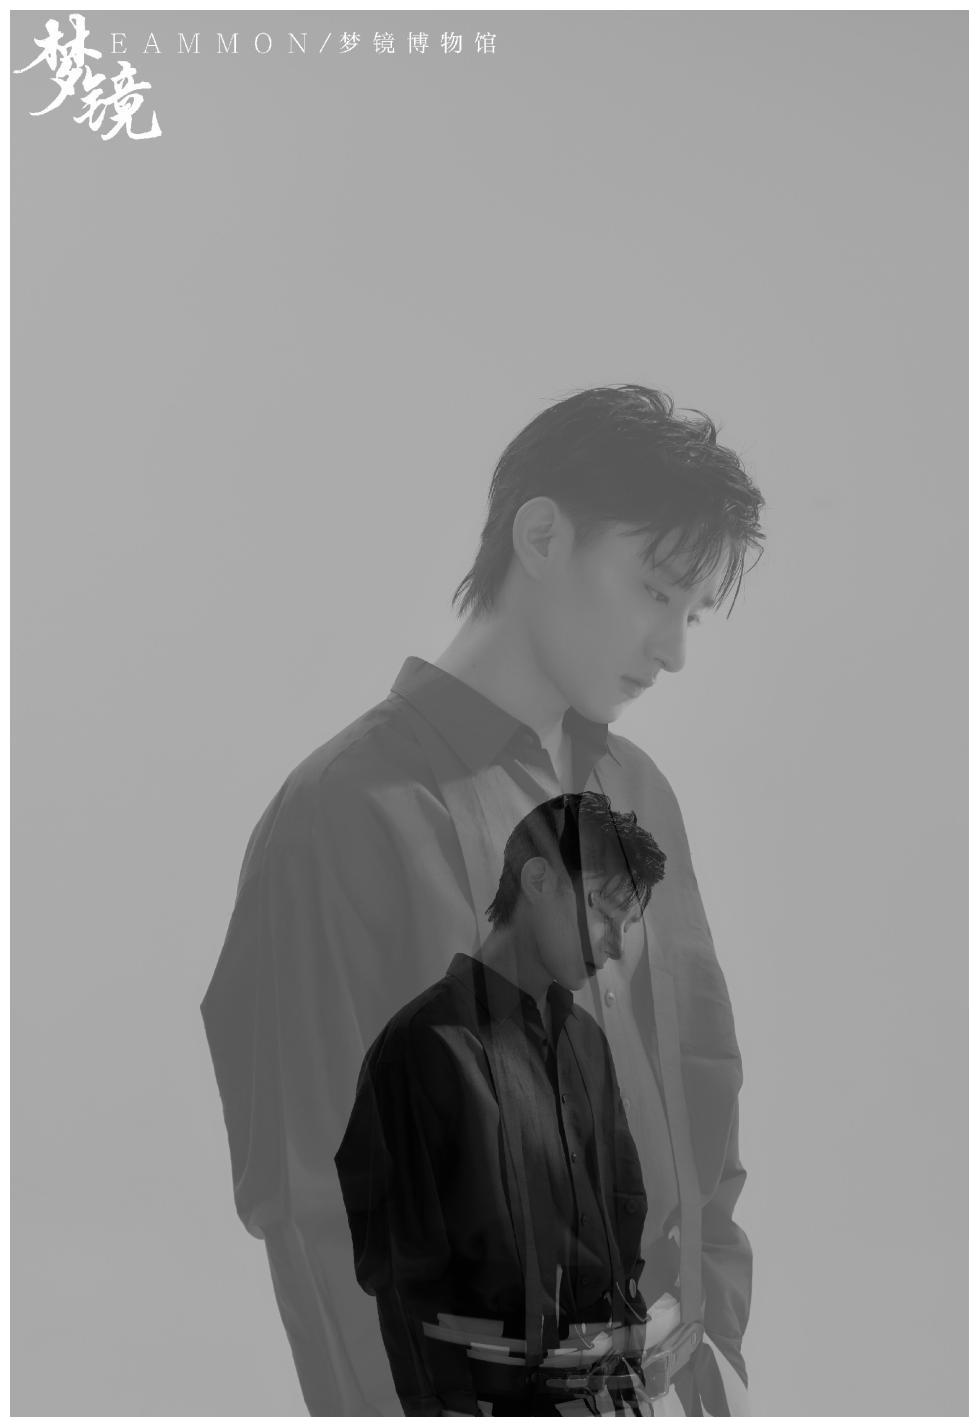 于小彤最新写真大片上线 演绎年轻绅士风采